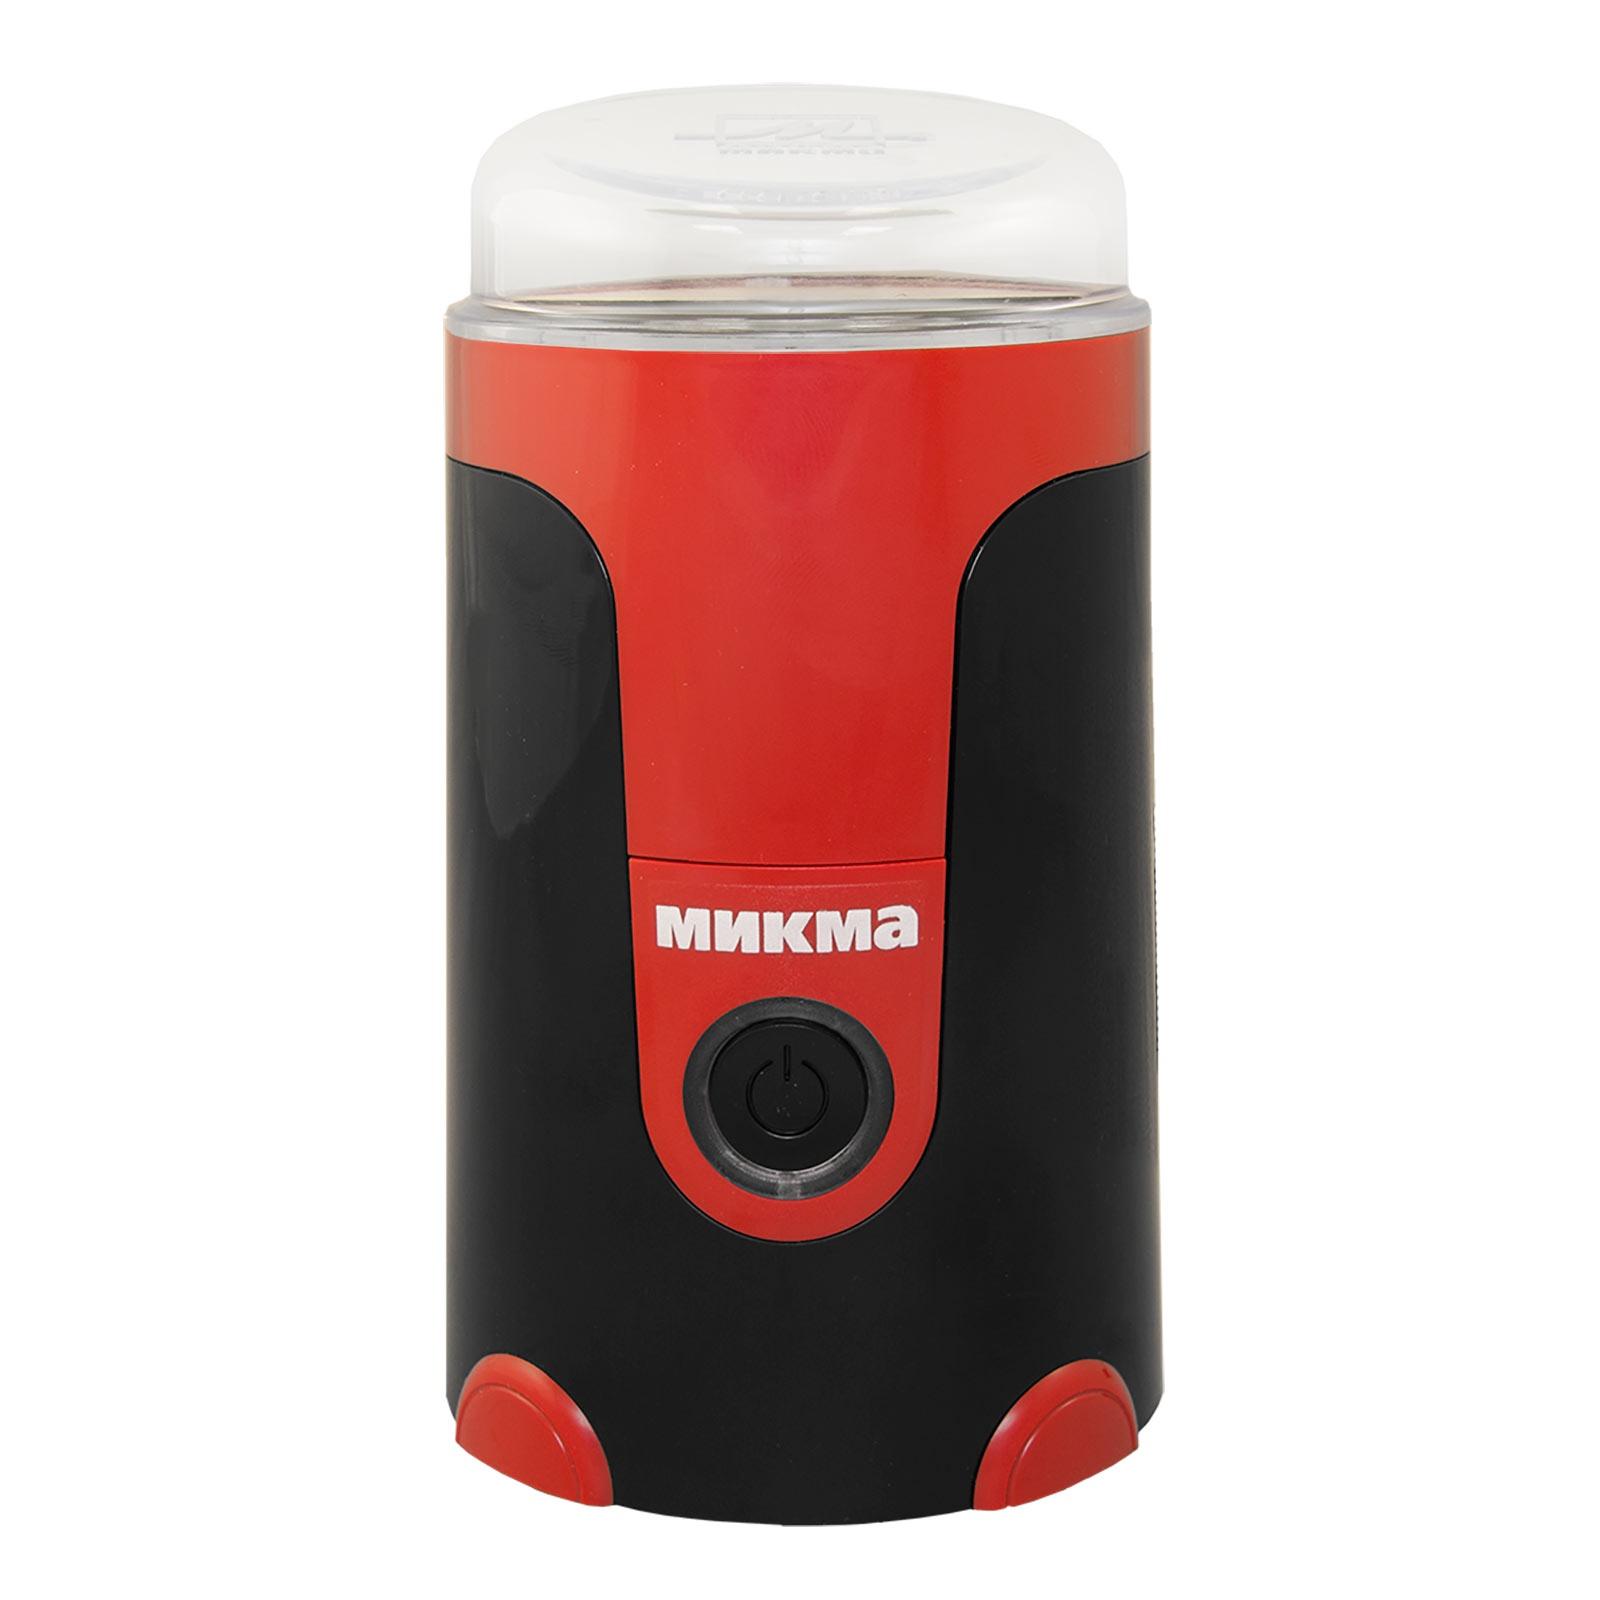 Электрокофемолка МИКМА ИП-33, цвет: черный, красный